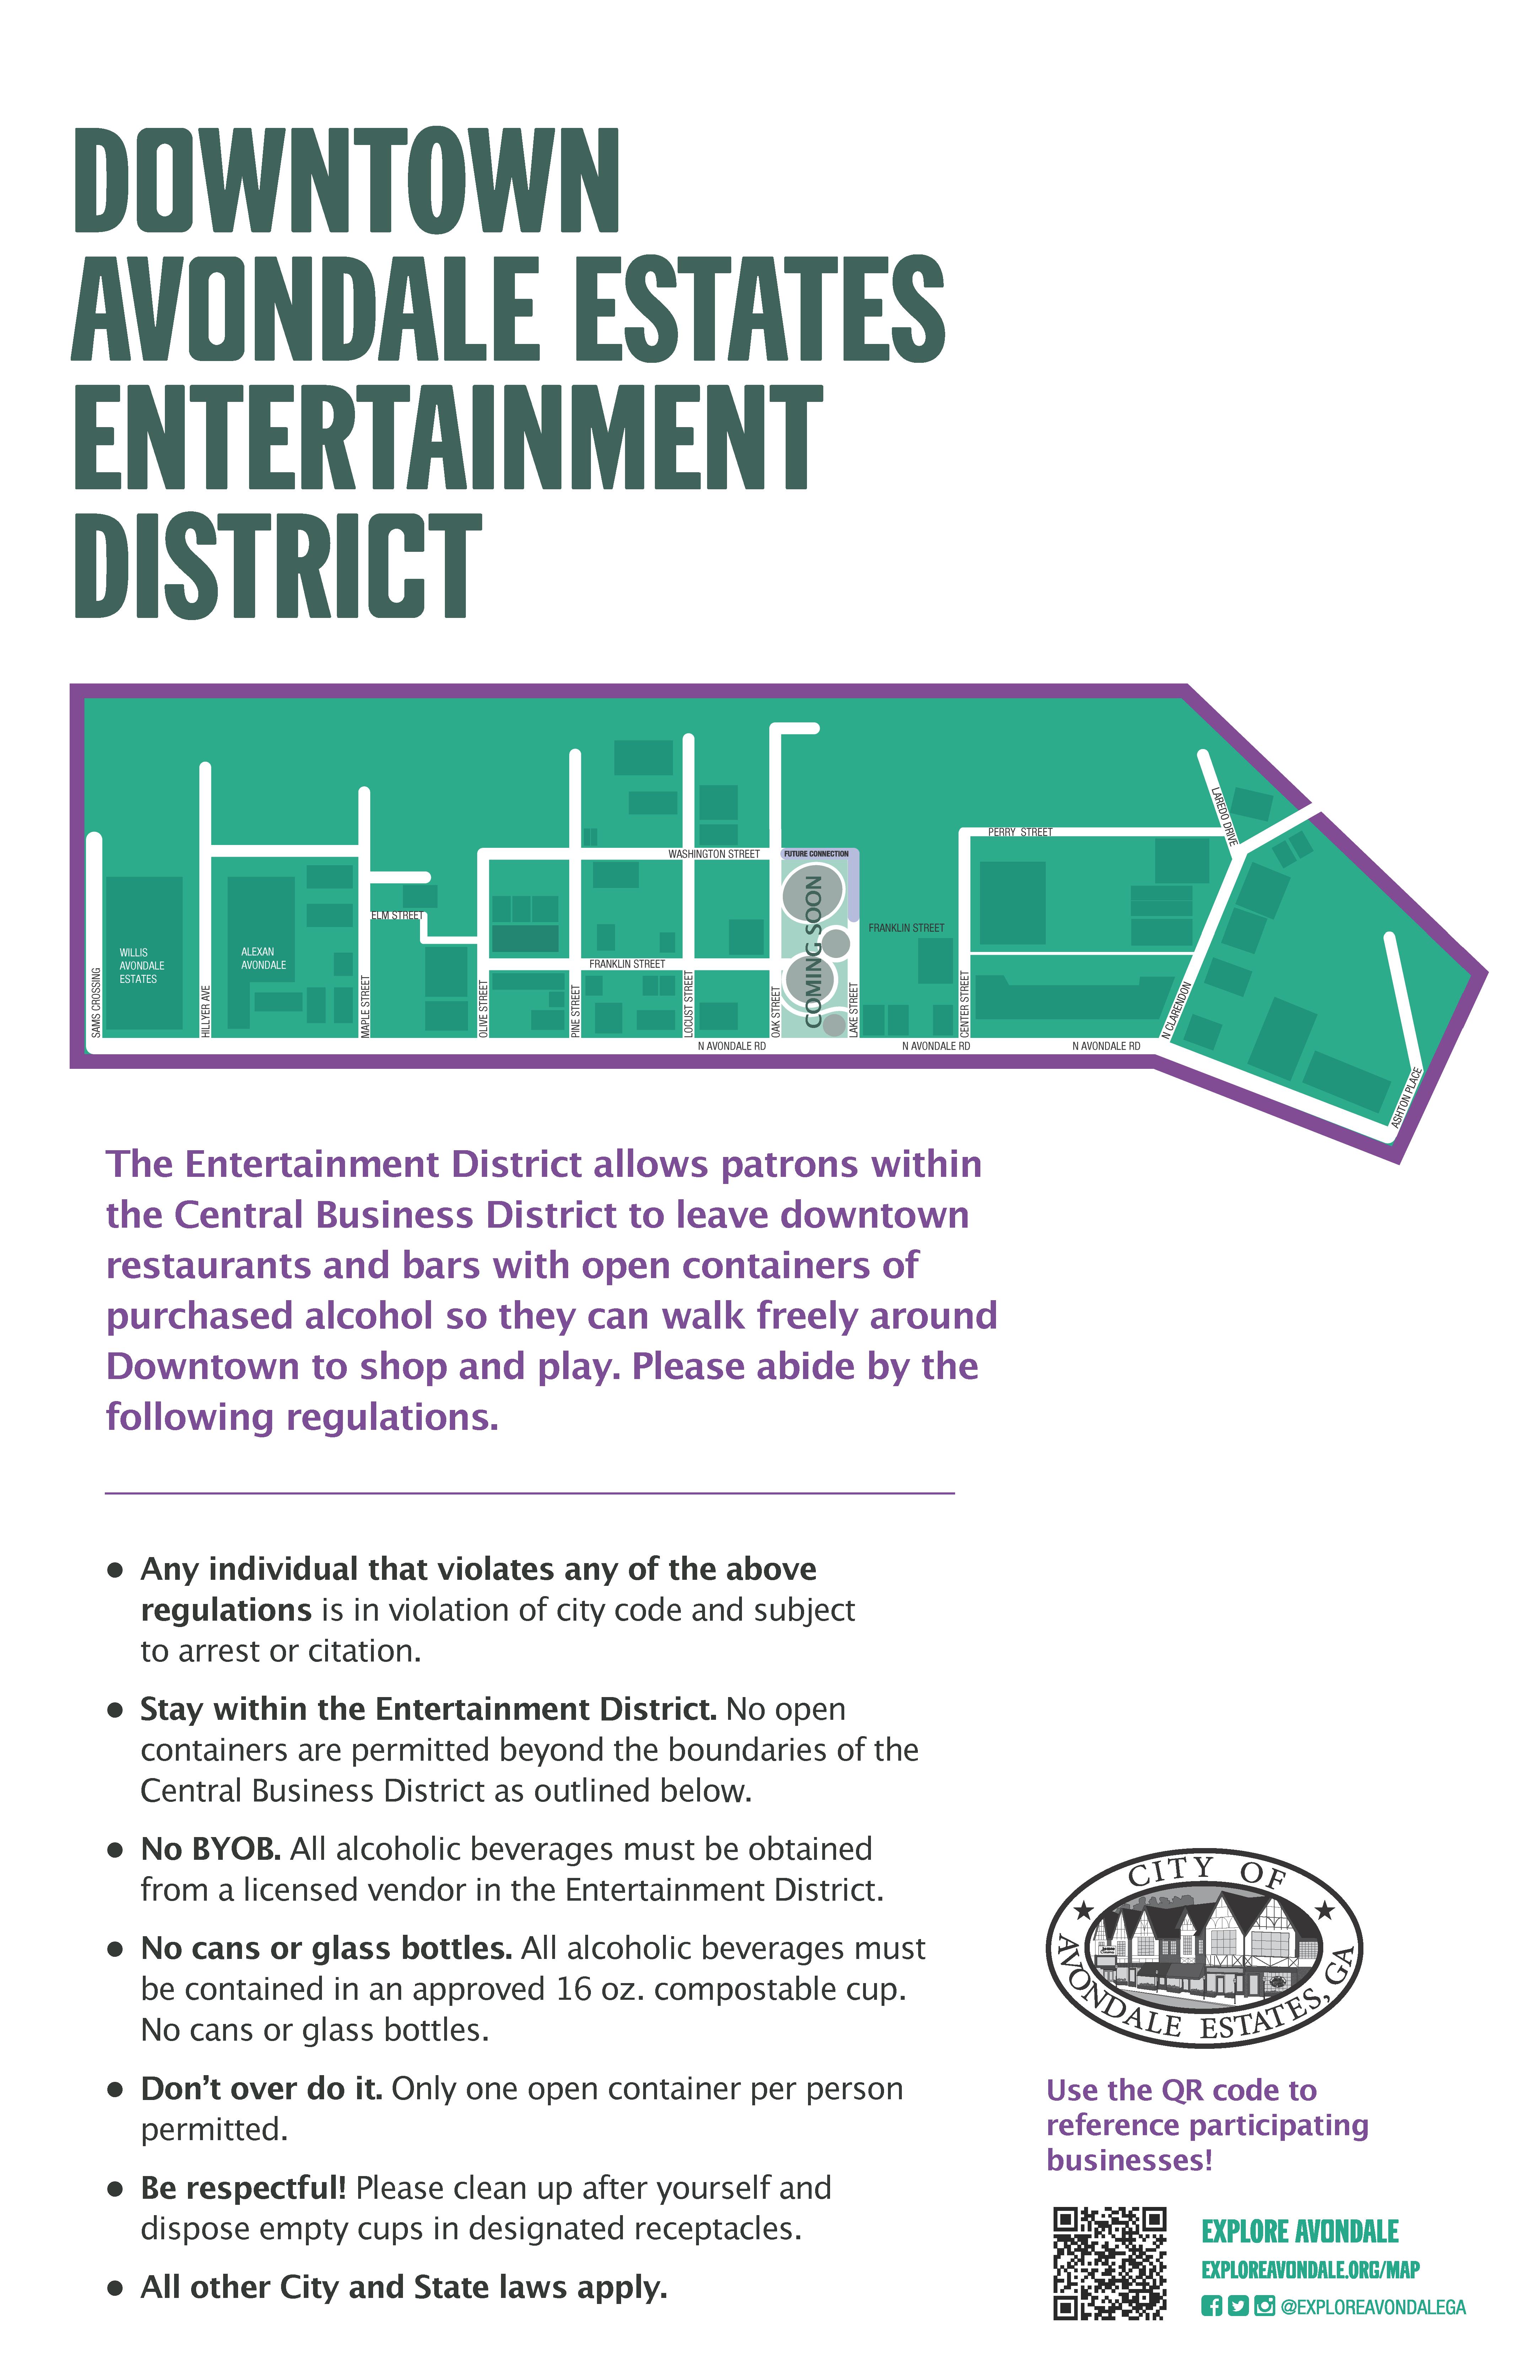 Avondale Estates Entertainment District